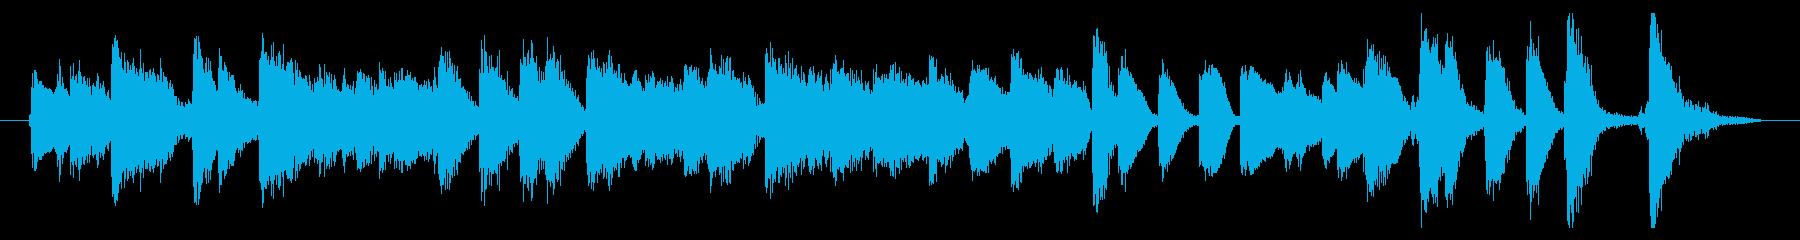 ジングル 楽しいジャズピアノトリオ の再生済みの波形